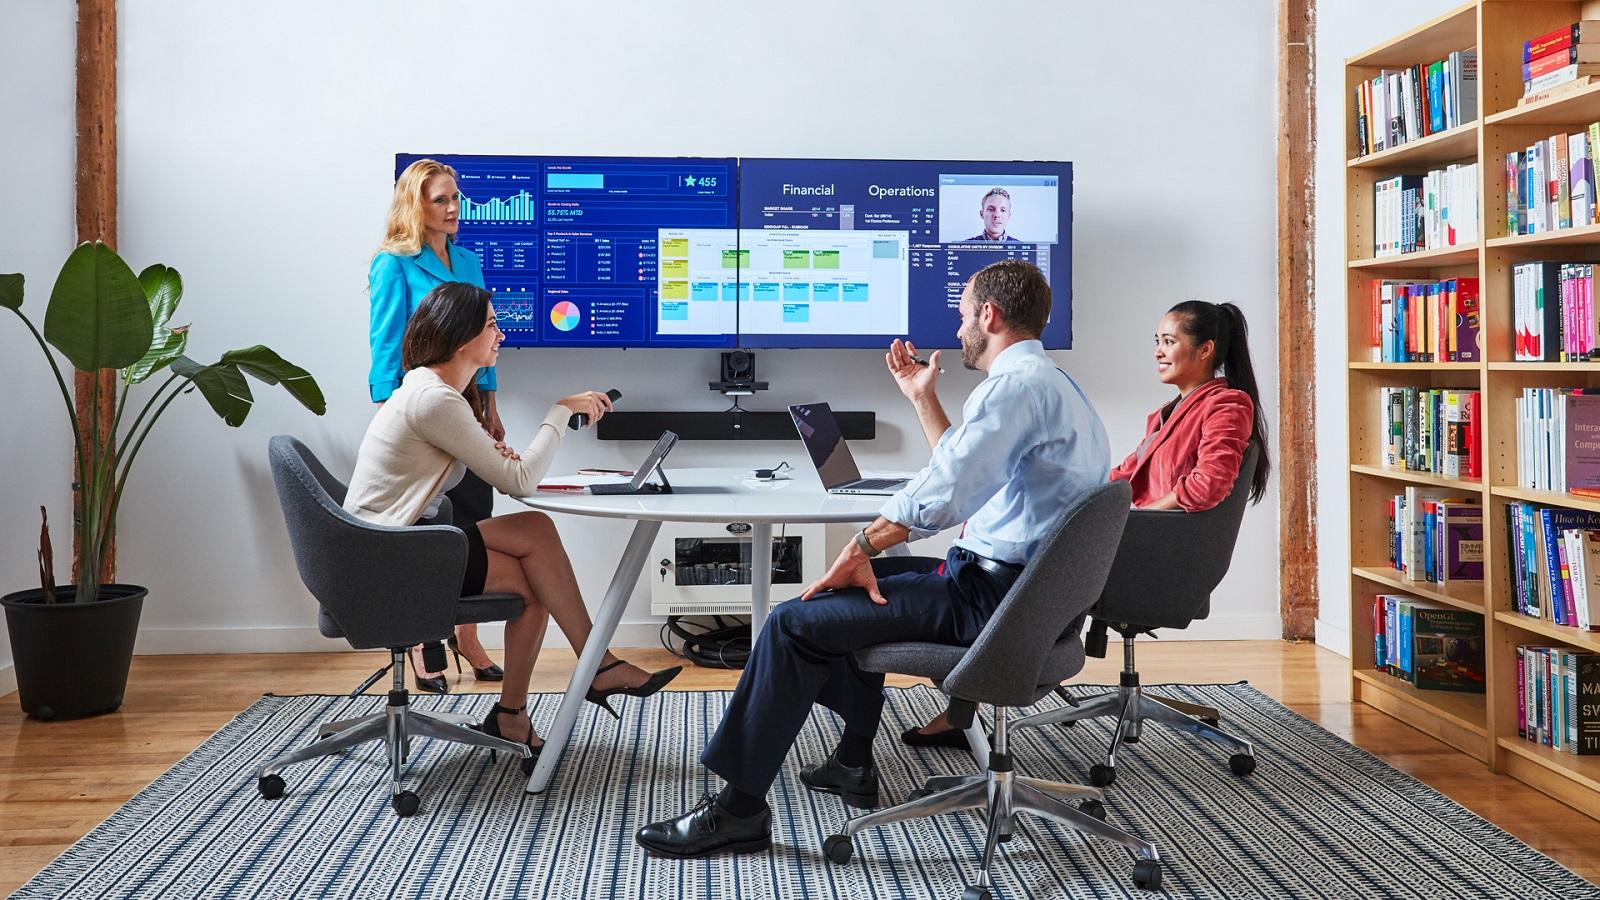 Soluciones-de-videoconferencia-y-audiovisuales-de-Ayno-Videoconferenze-amplían-la-presencia-en-Europa-de-Oblong-Industries